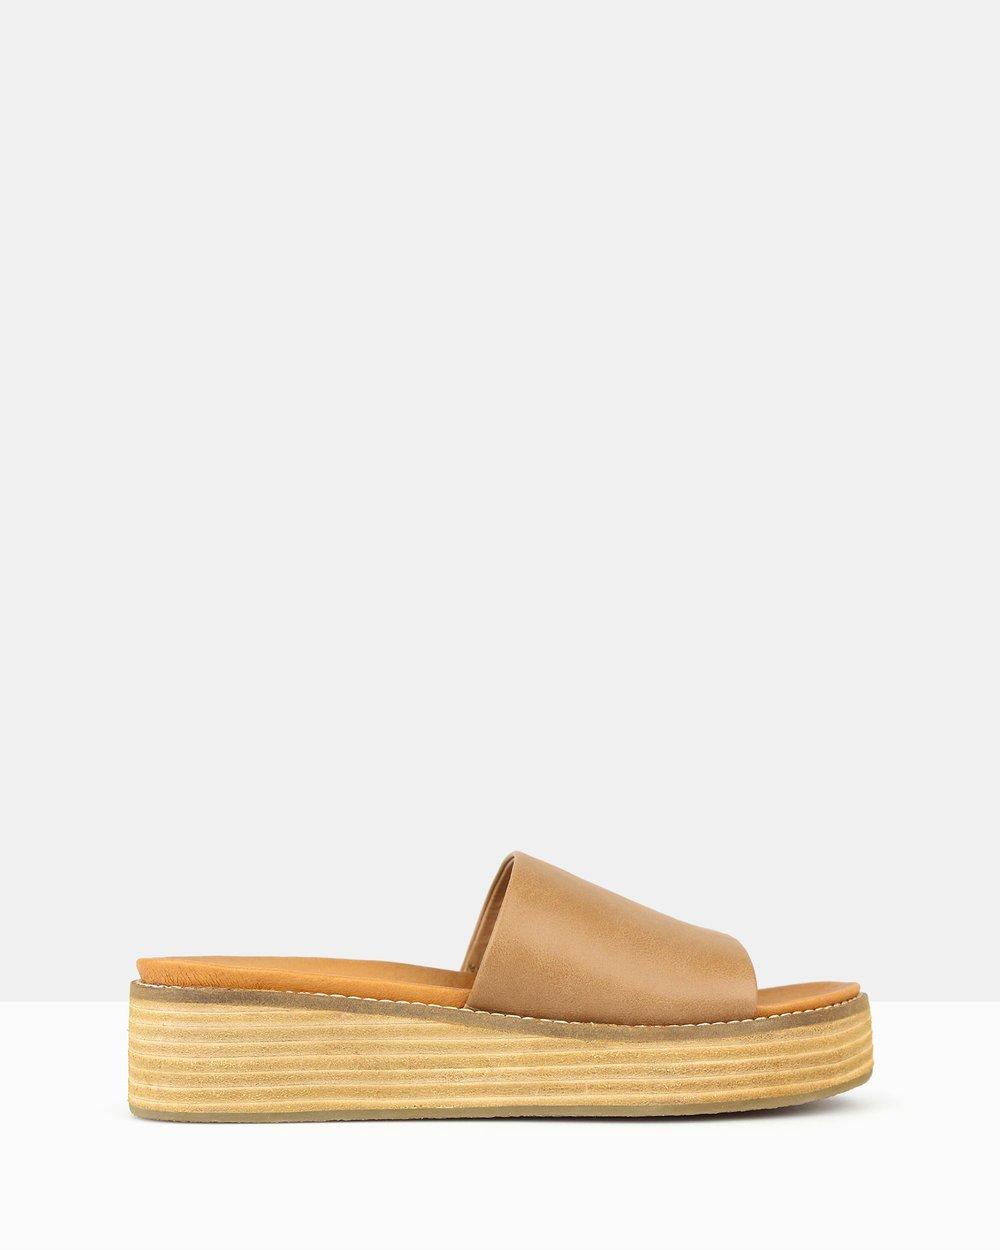 4bae4870e41 Revolve Slip On Wedge Sandals by Betts Online